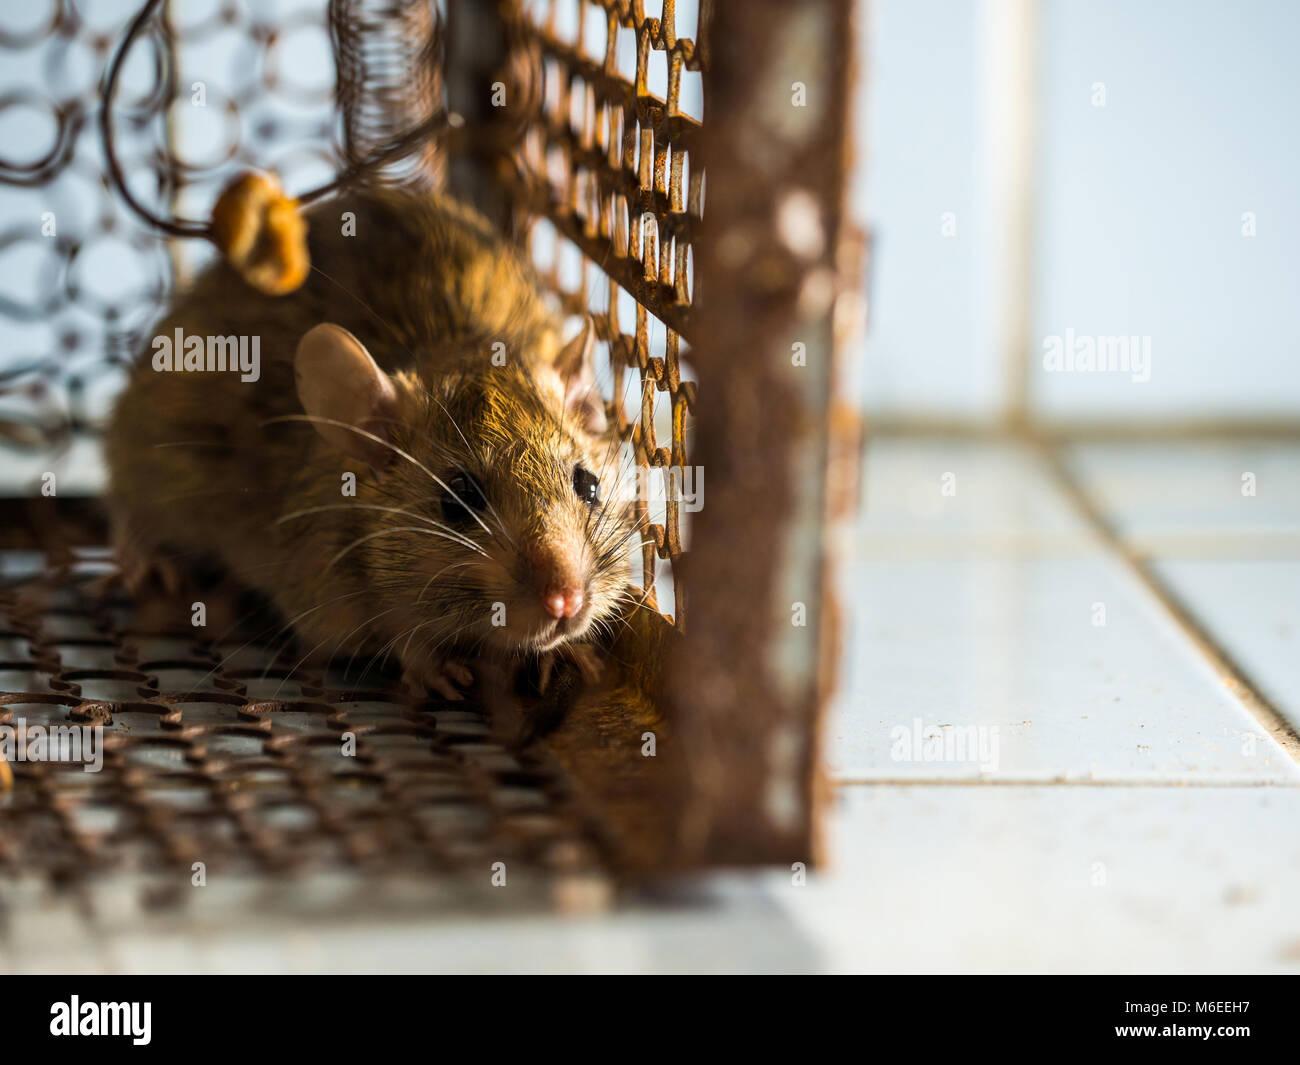 Como atrapar un raton en casa latest como atrapar un raton en casa with como atrapar un raton - Como cazar un raton en un piso ...